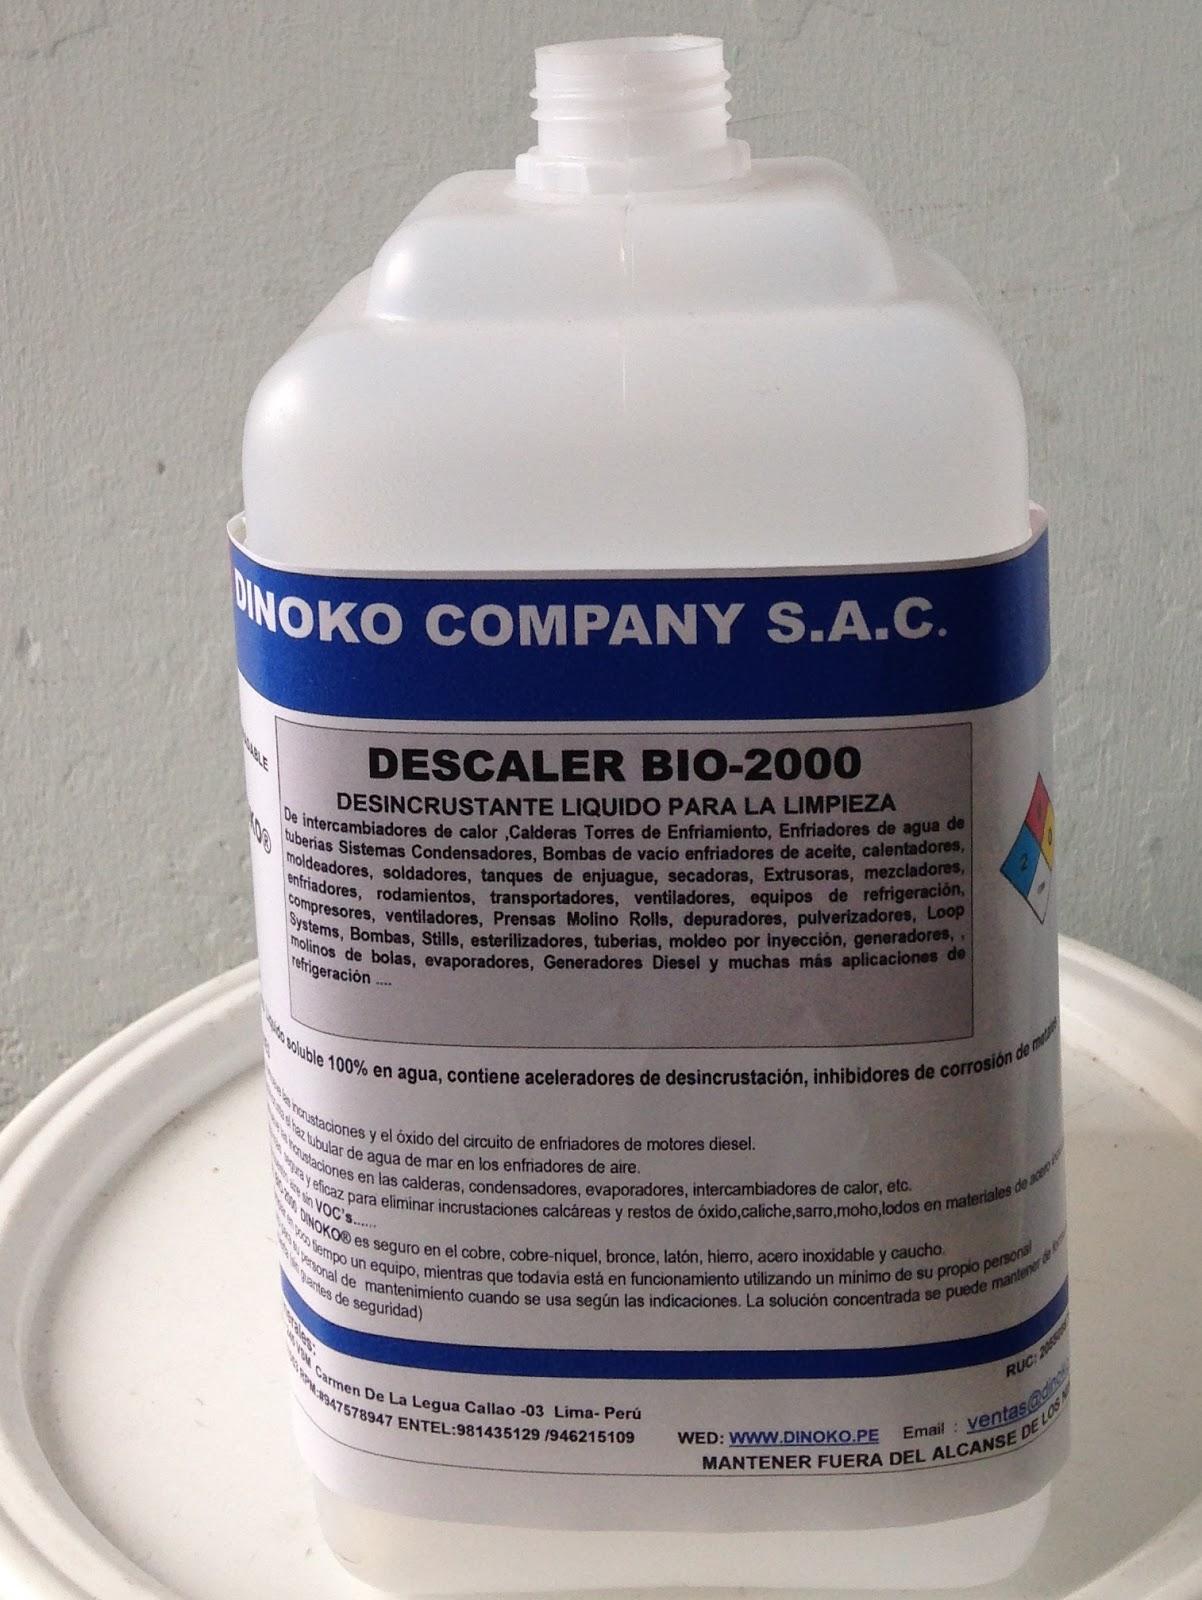 Dinoko company sac - Liquidos para desatascar tuberias ...